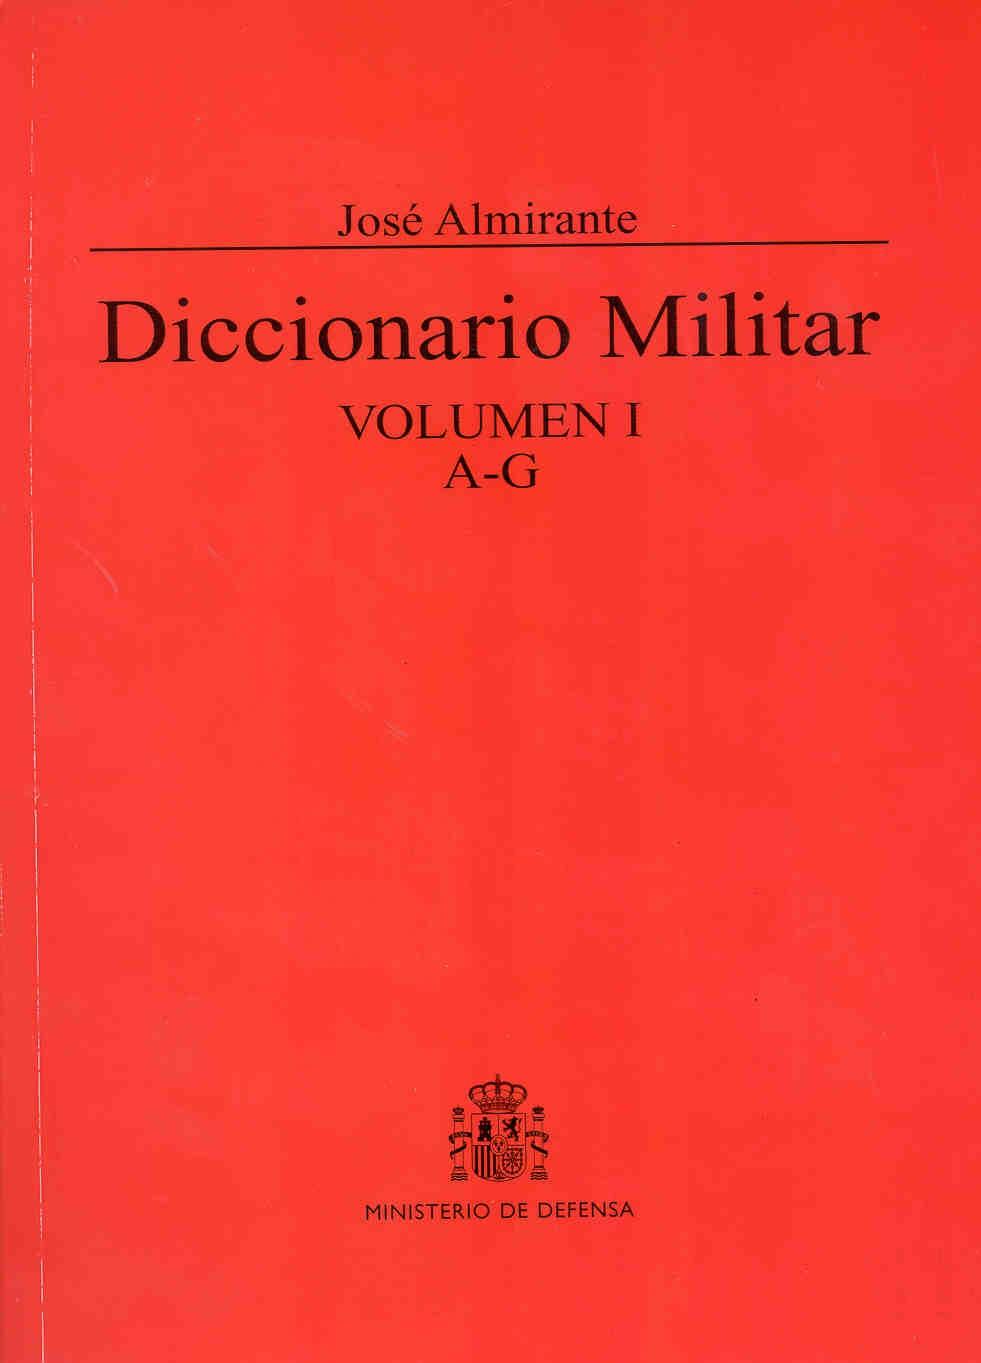 DICCIONARIO MILITAR. VOLUMEN I. A-G